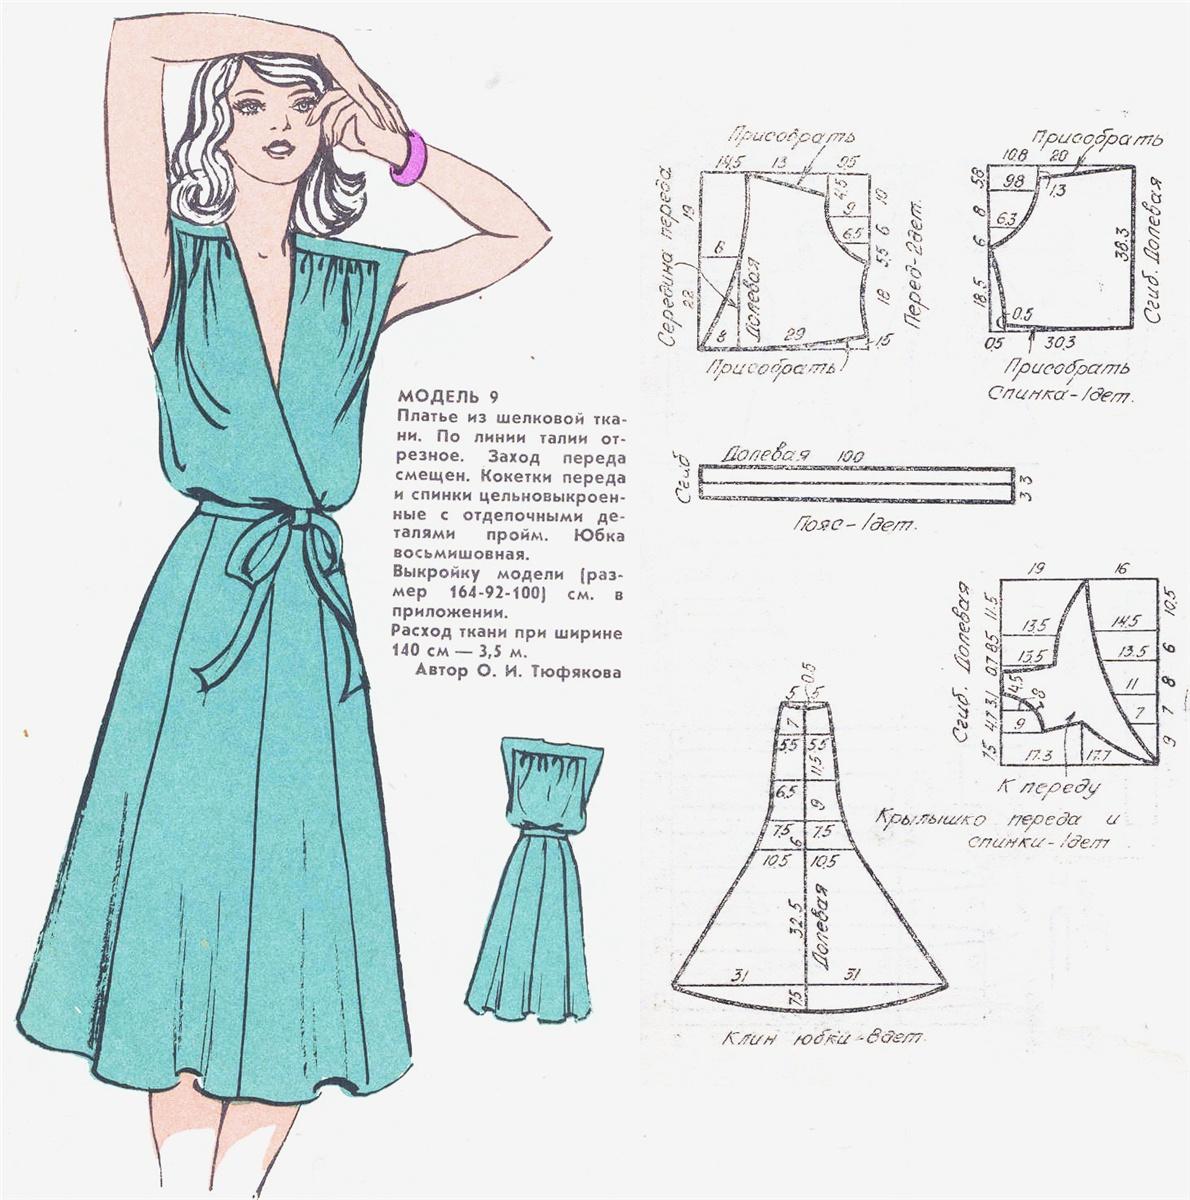 Детские платья сшить самим быстро и просто. Часть 1 16